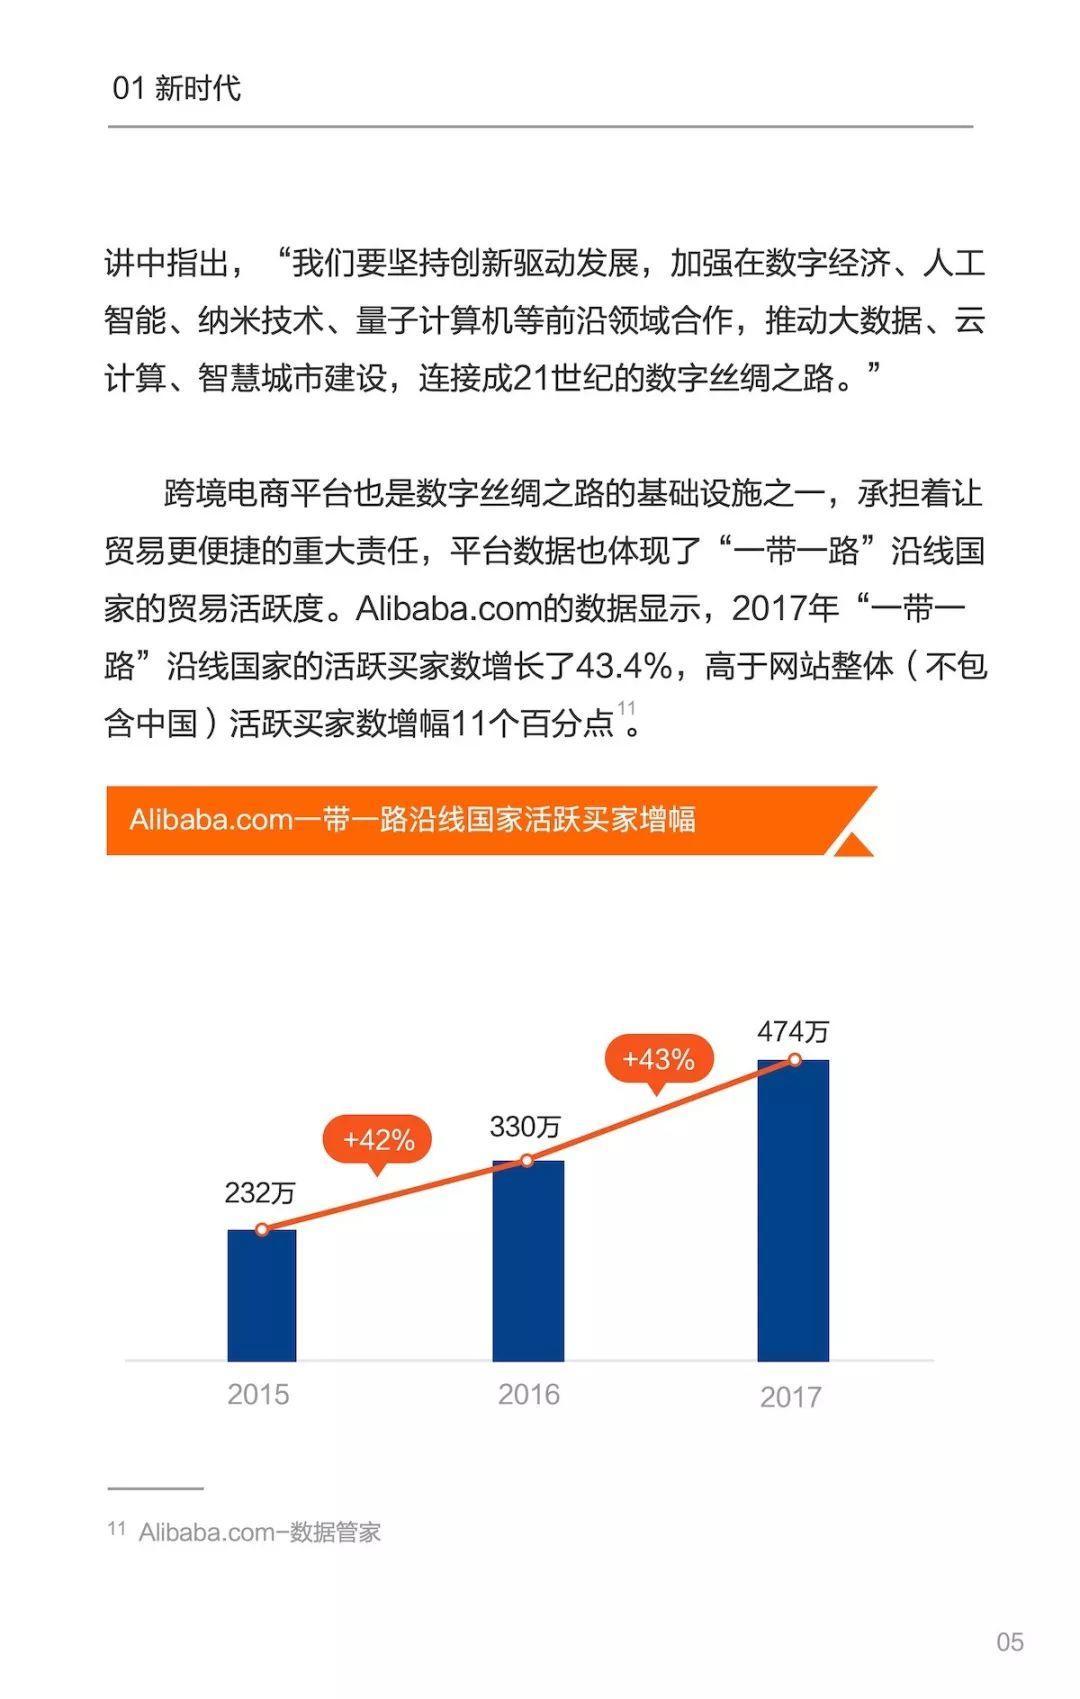 阿里研究院:中小企业跨境贸易报告